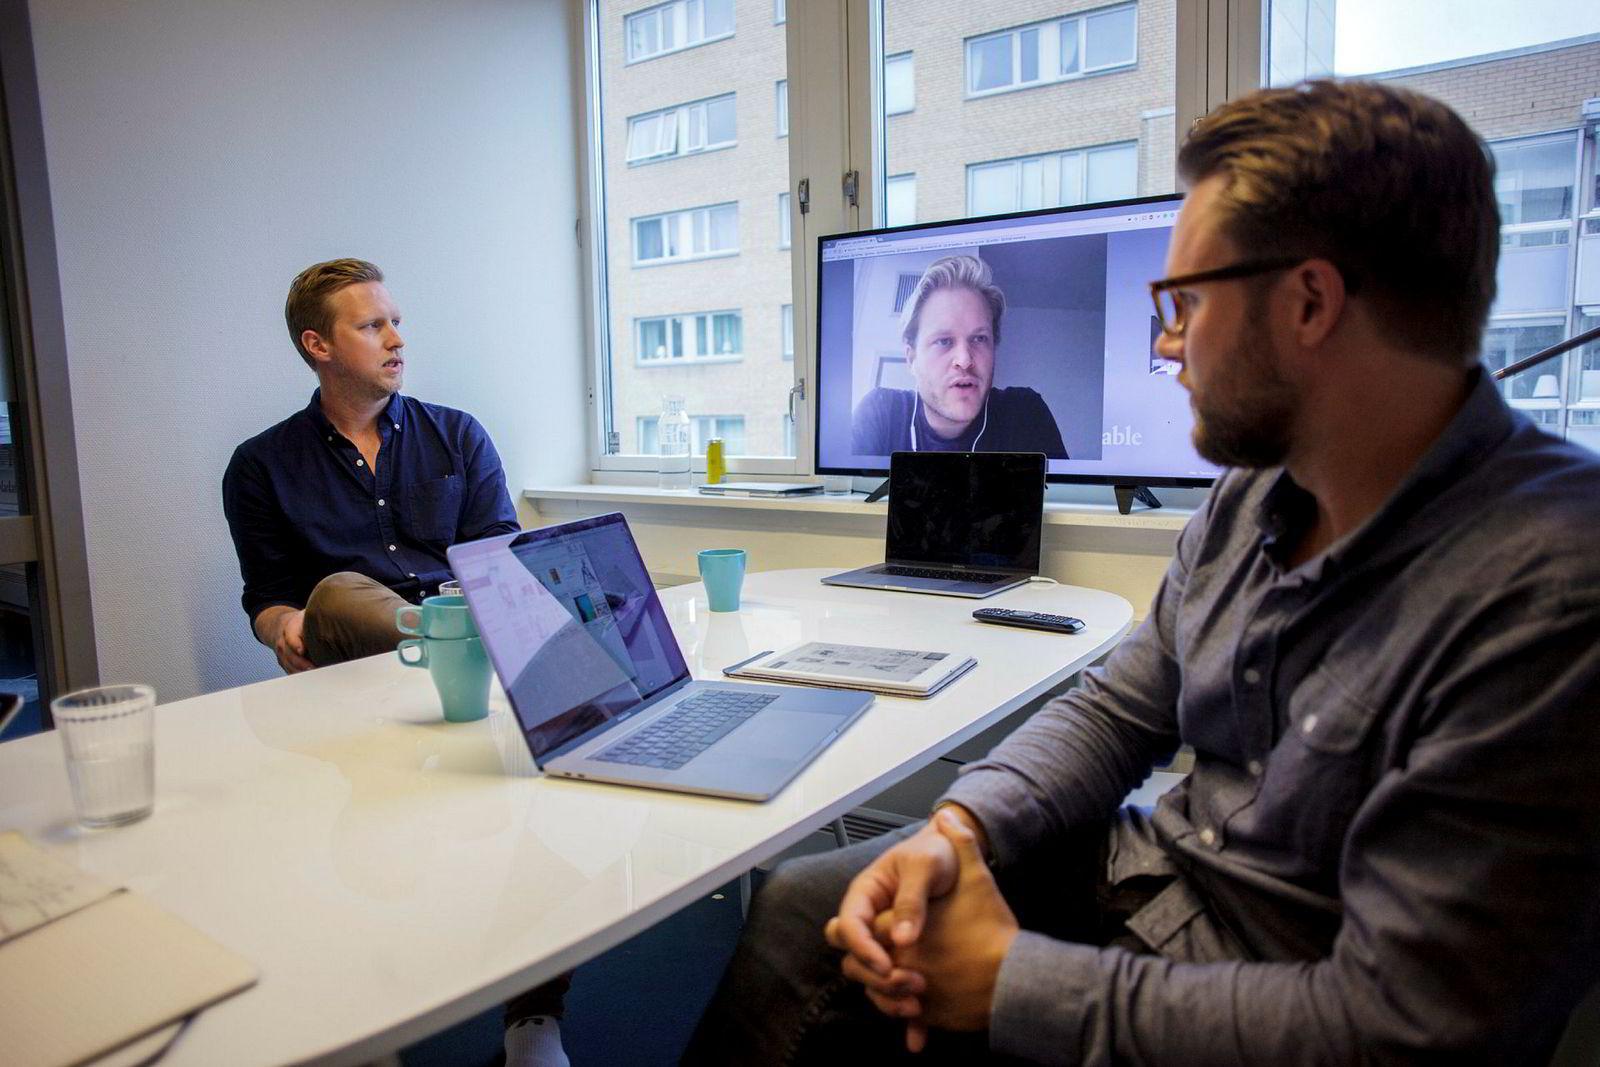 Gründer Magnus Haug Wanberg (på skjermen) startet sitt første selskap da han var 17, hvor han bygde pc-er og solgte dem. Fra venstre: Kommunikasjonssjef Henrik Gustav faller og designsjef Mats Herding Solberg (31).